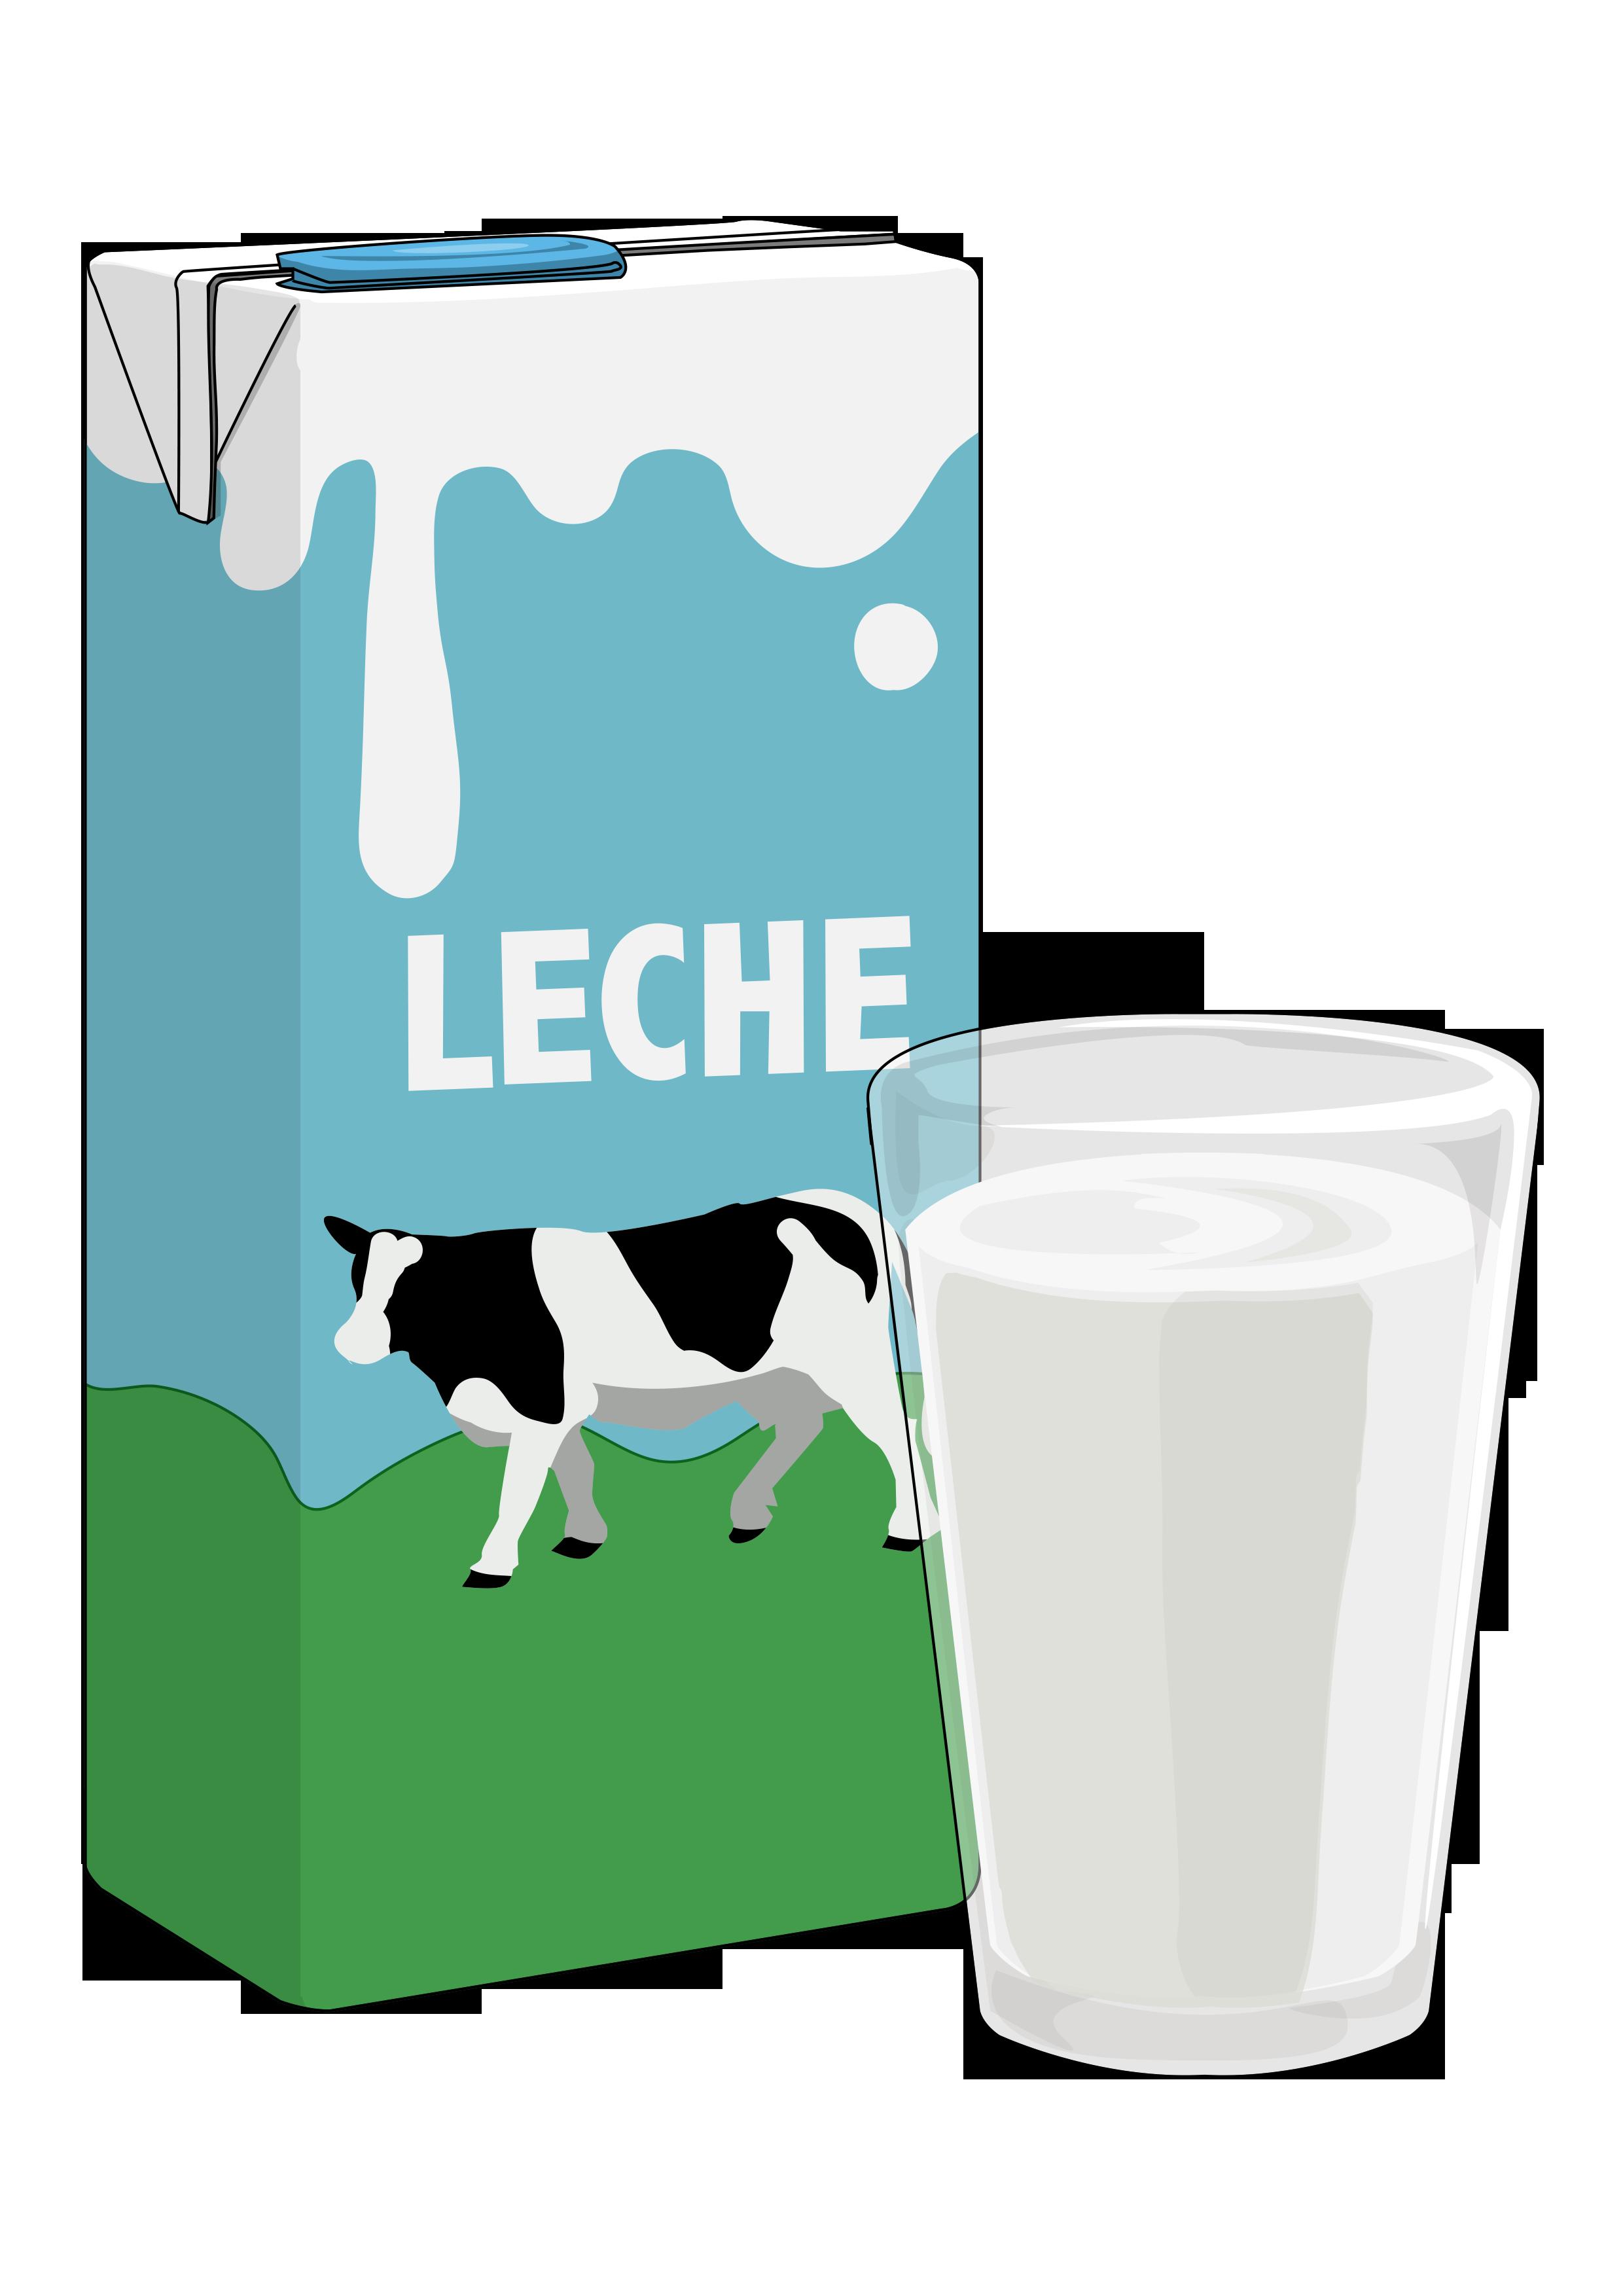 en leche: